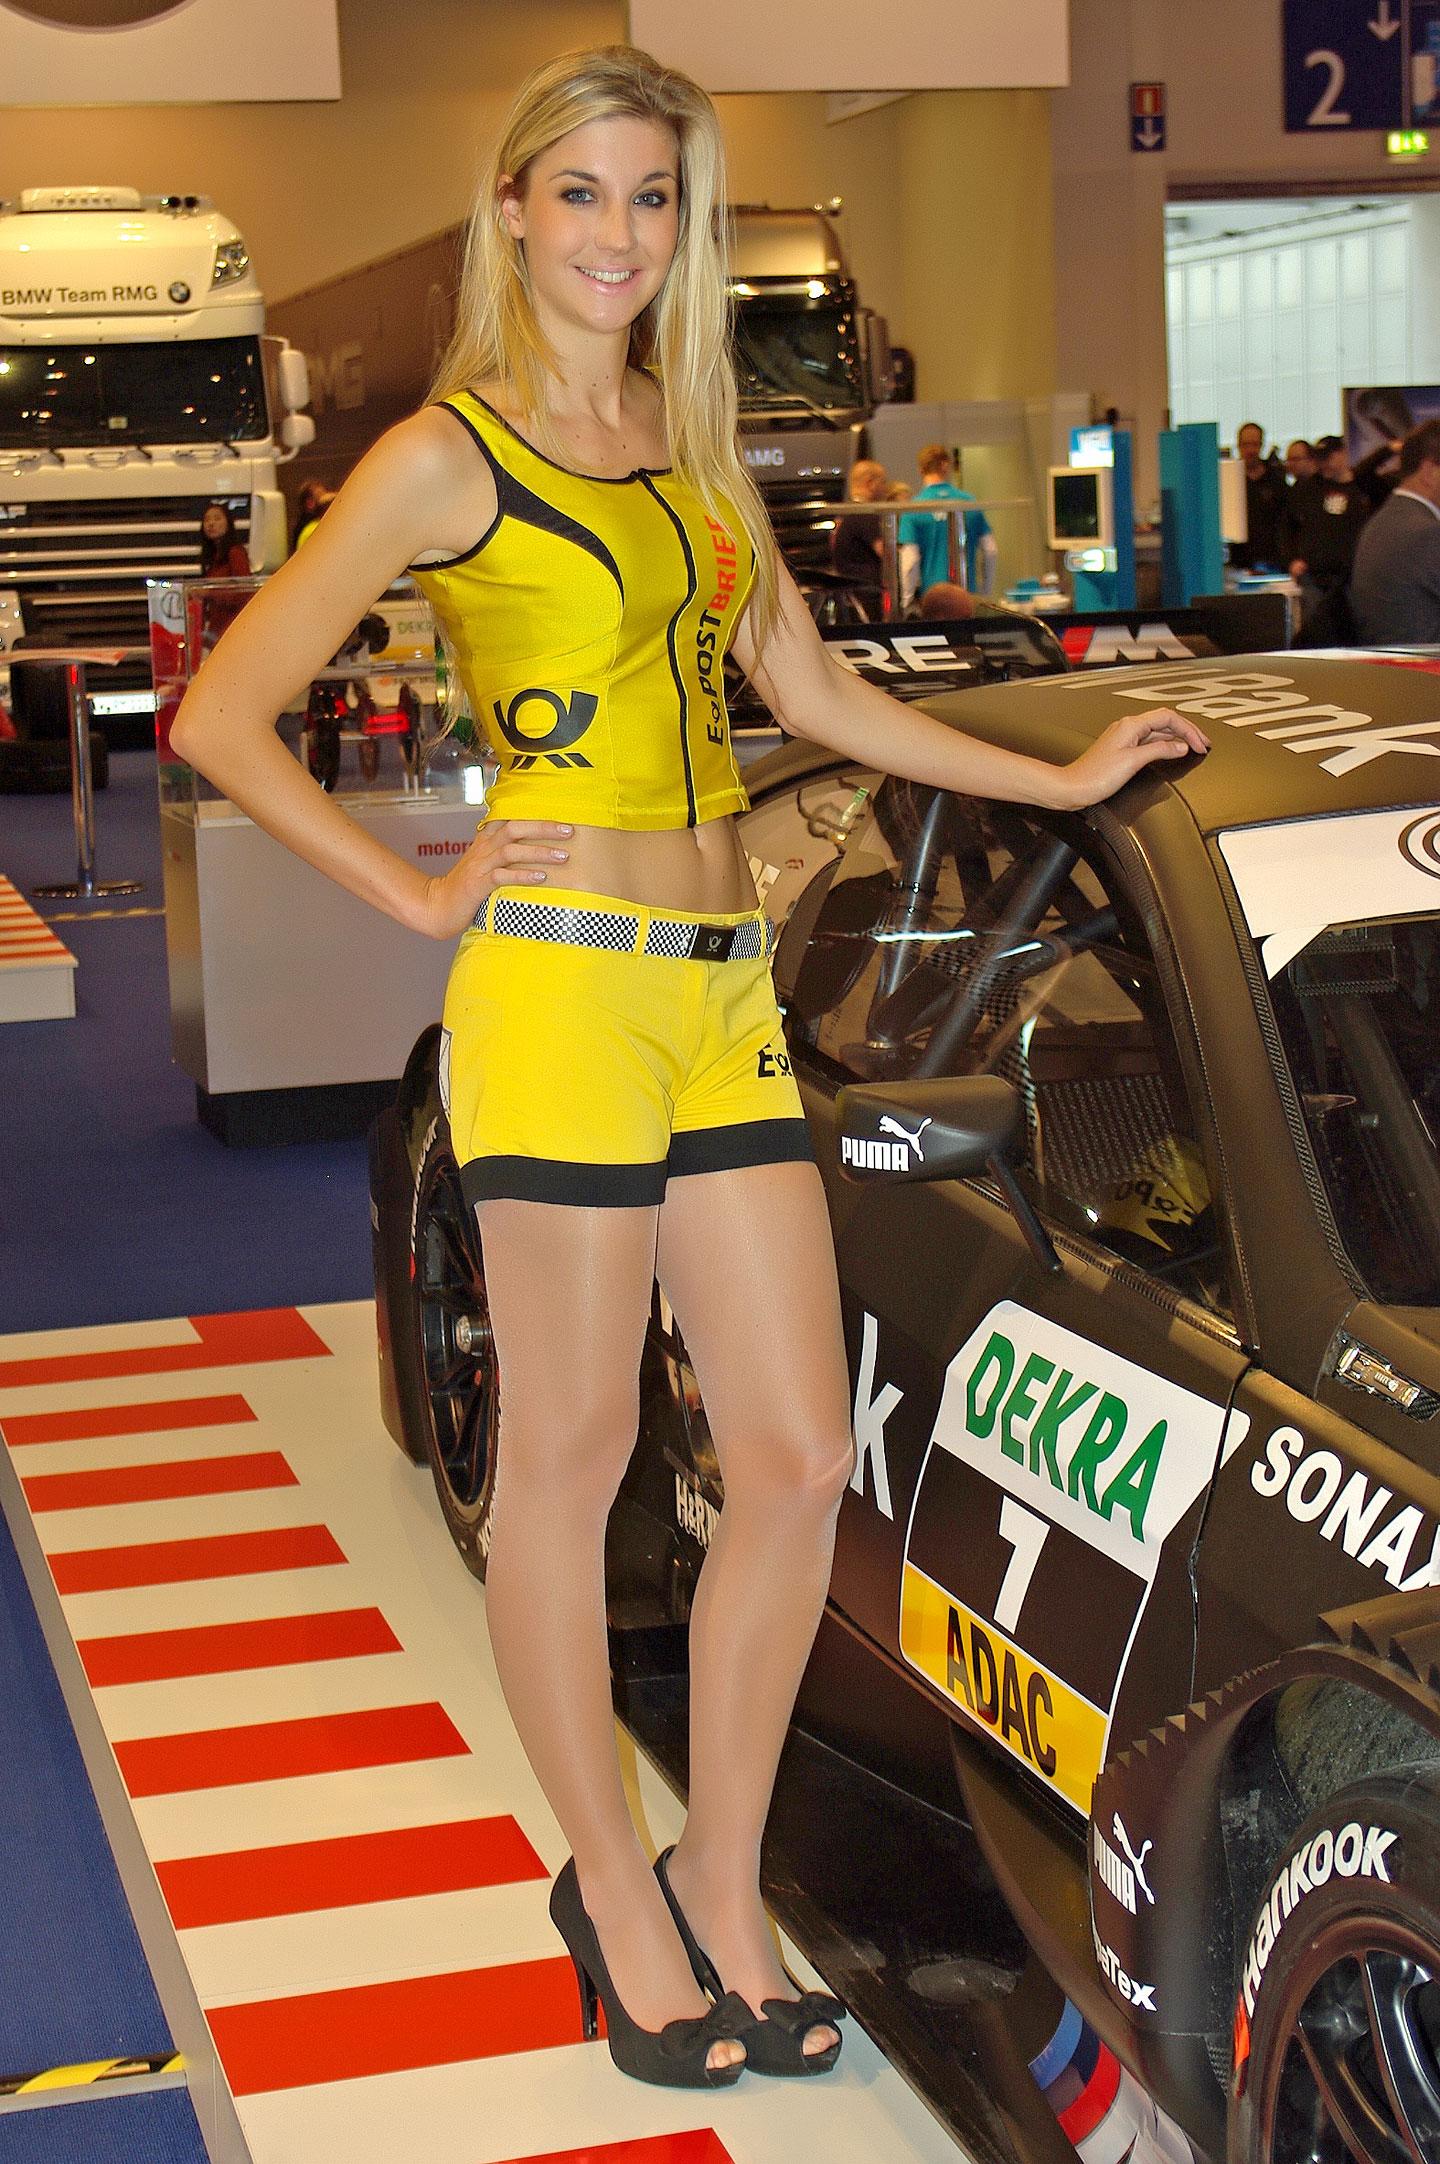 Zakáže Šanghaj autosalonové sexy modelky?: - fotka 10